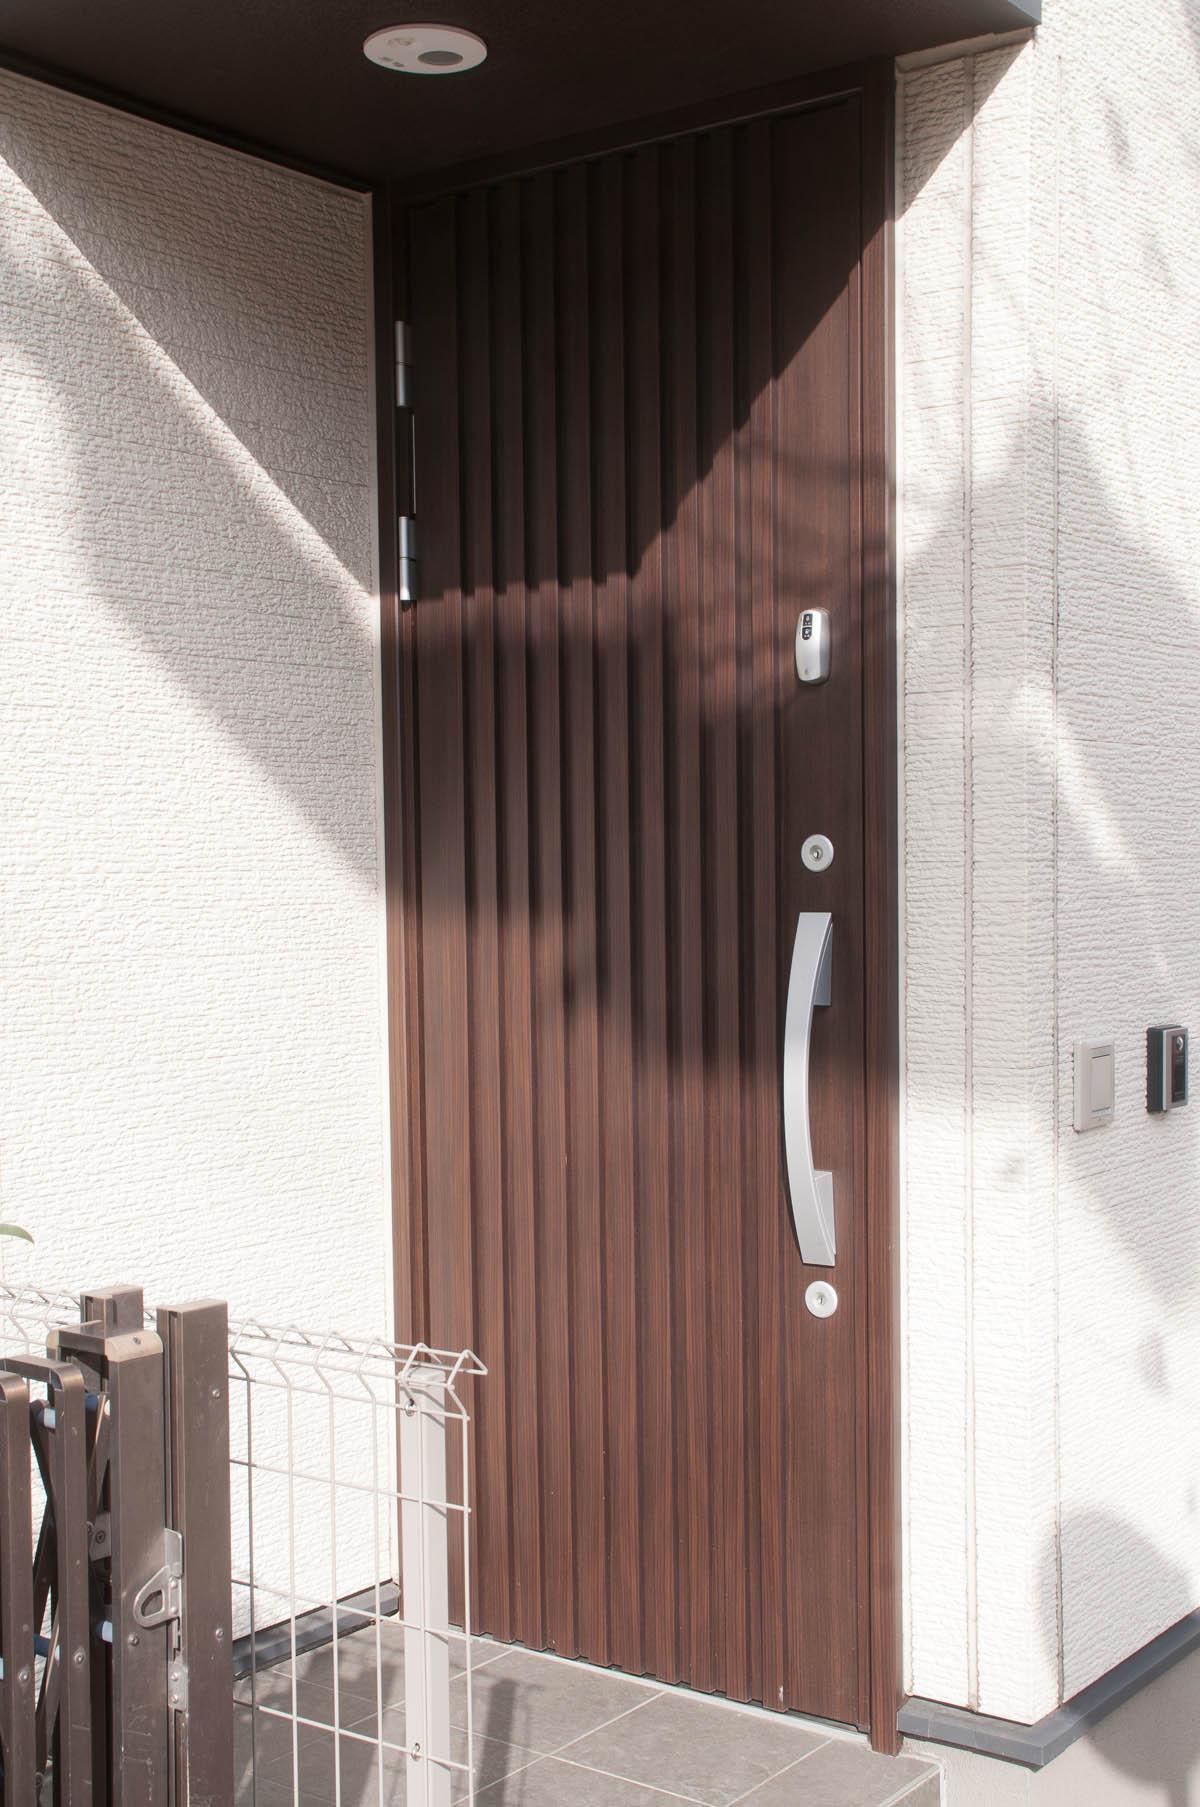 tokyo_doors-12_low